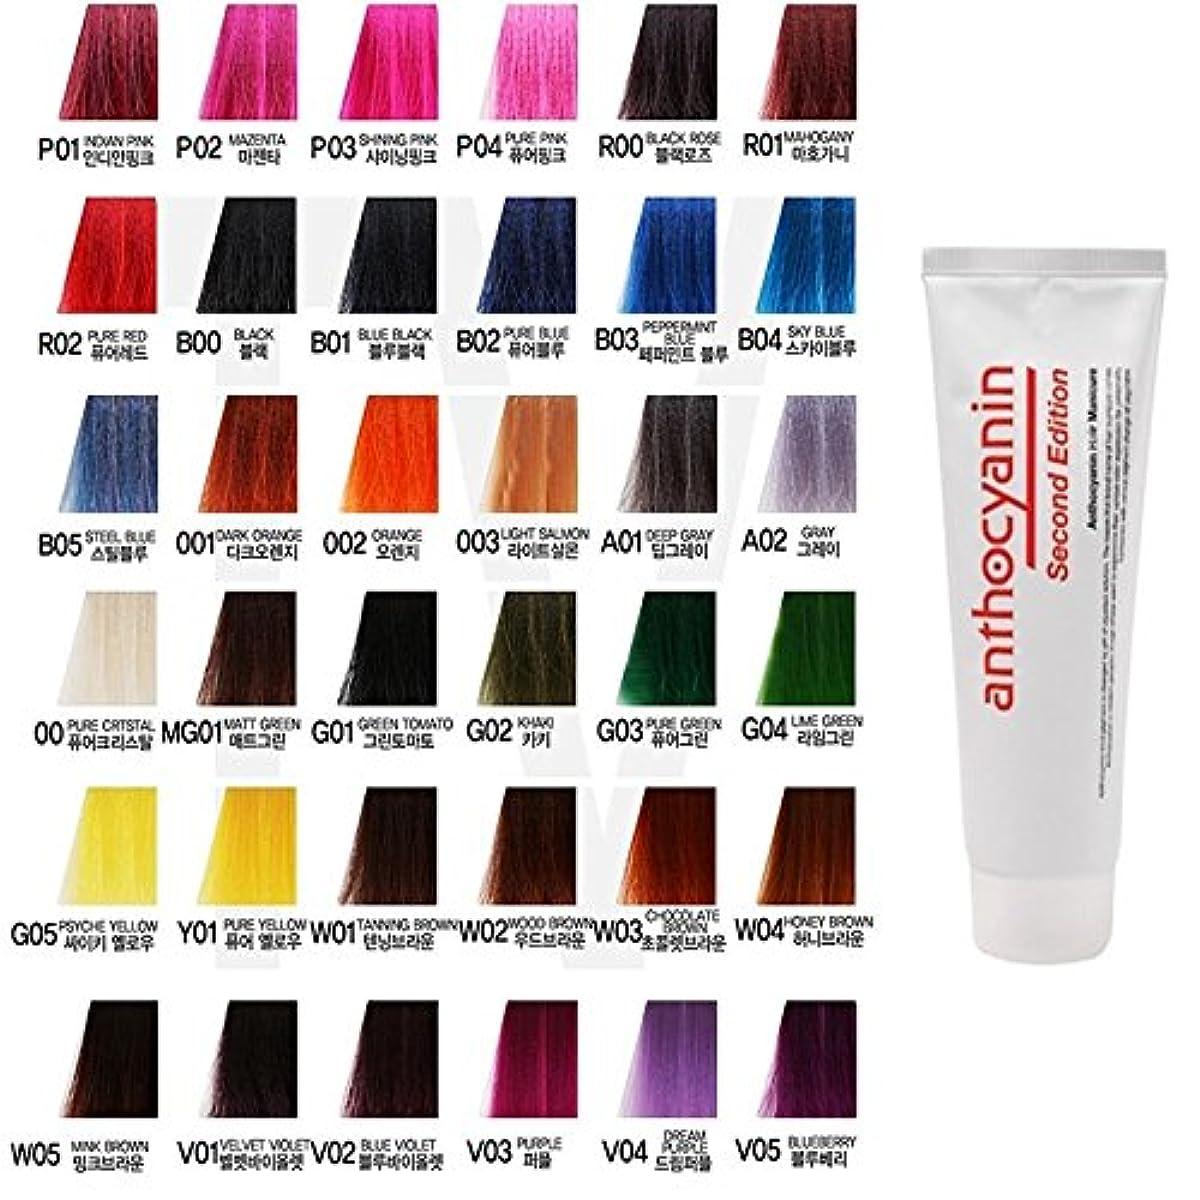 誤解するオートクレーターヘア マニキュア カラー セカンド エディション 230g セミ パーマネント 染毛剤 ( Hair Manicure Color Second Edition 230g Semi Permanent Hair Dye)...